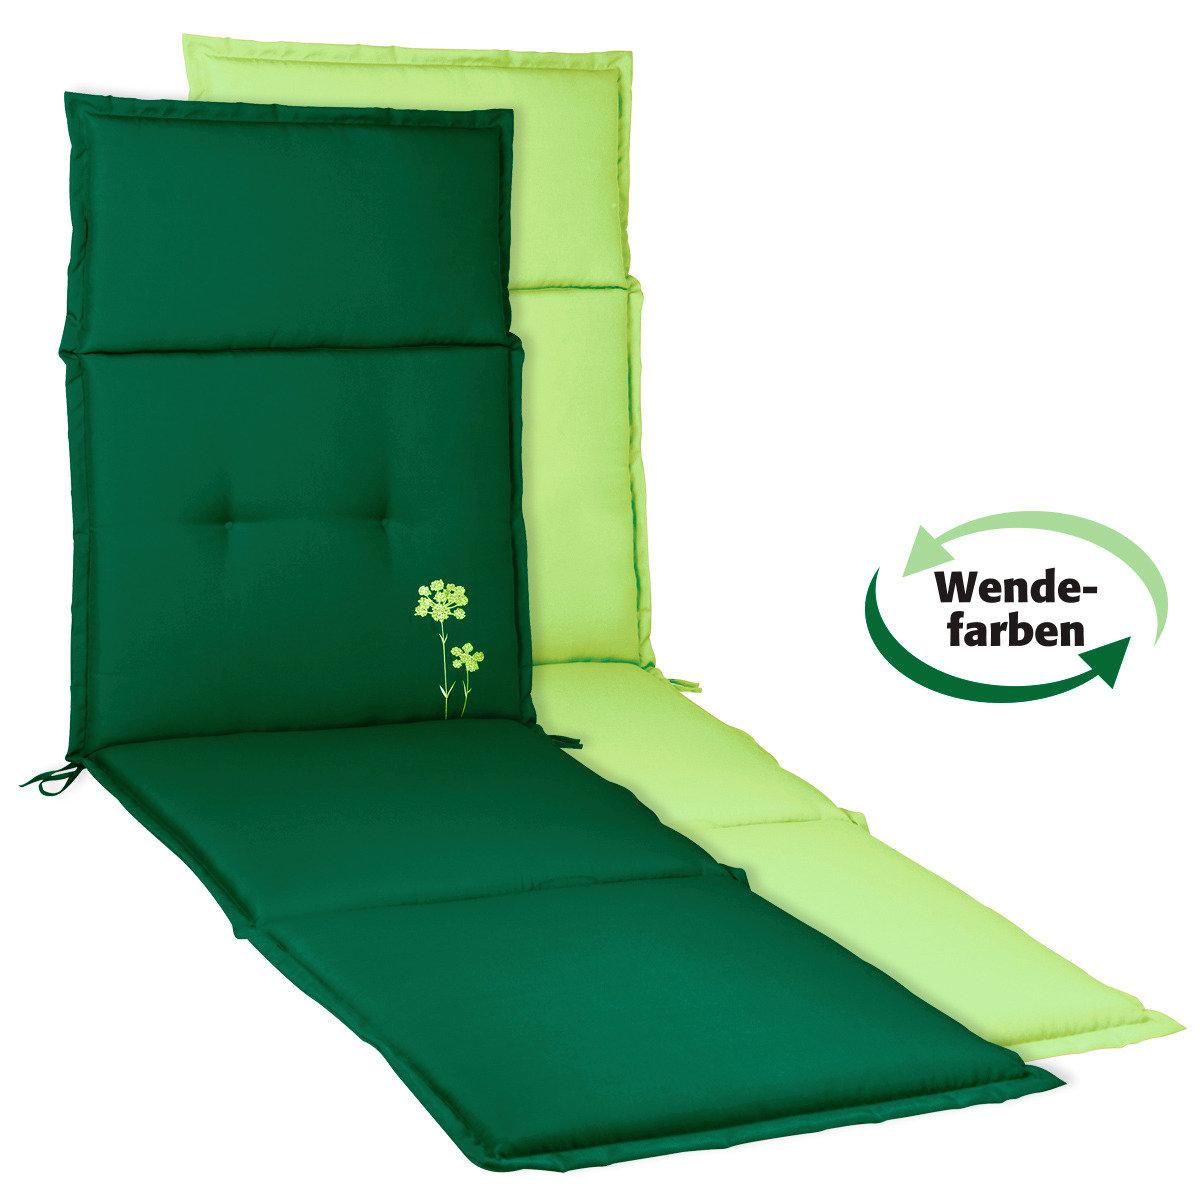 deckchairauflage samba anisa mint gr n von g rtner p tschke. Black Bedroom Furniture Sets. Home Design Ideas